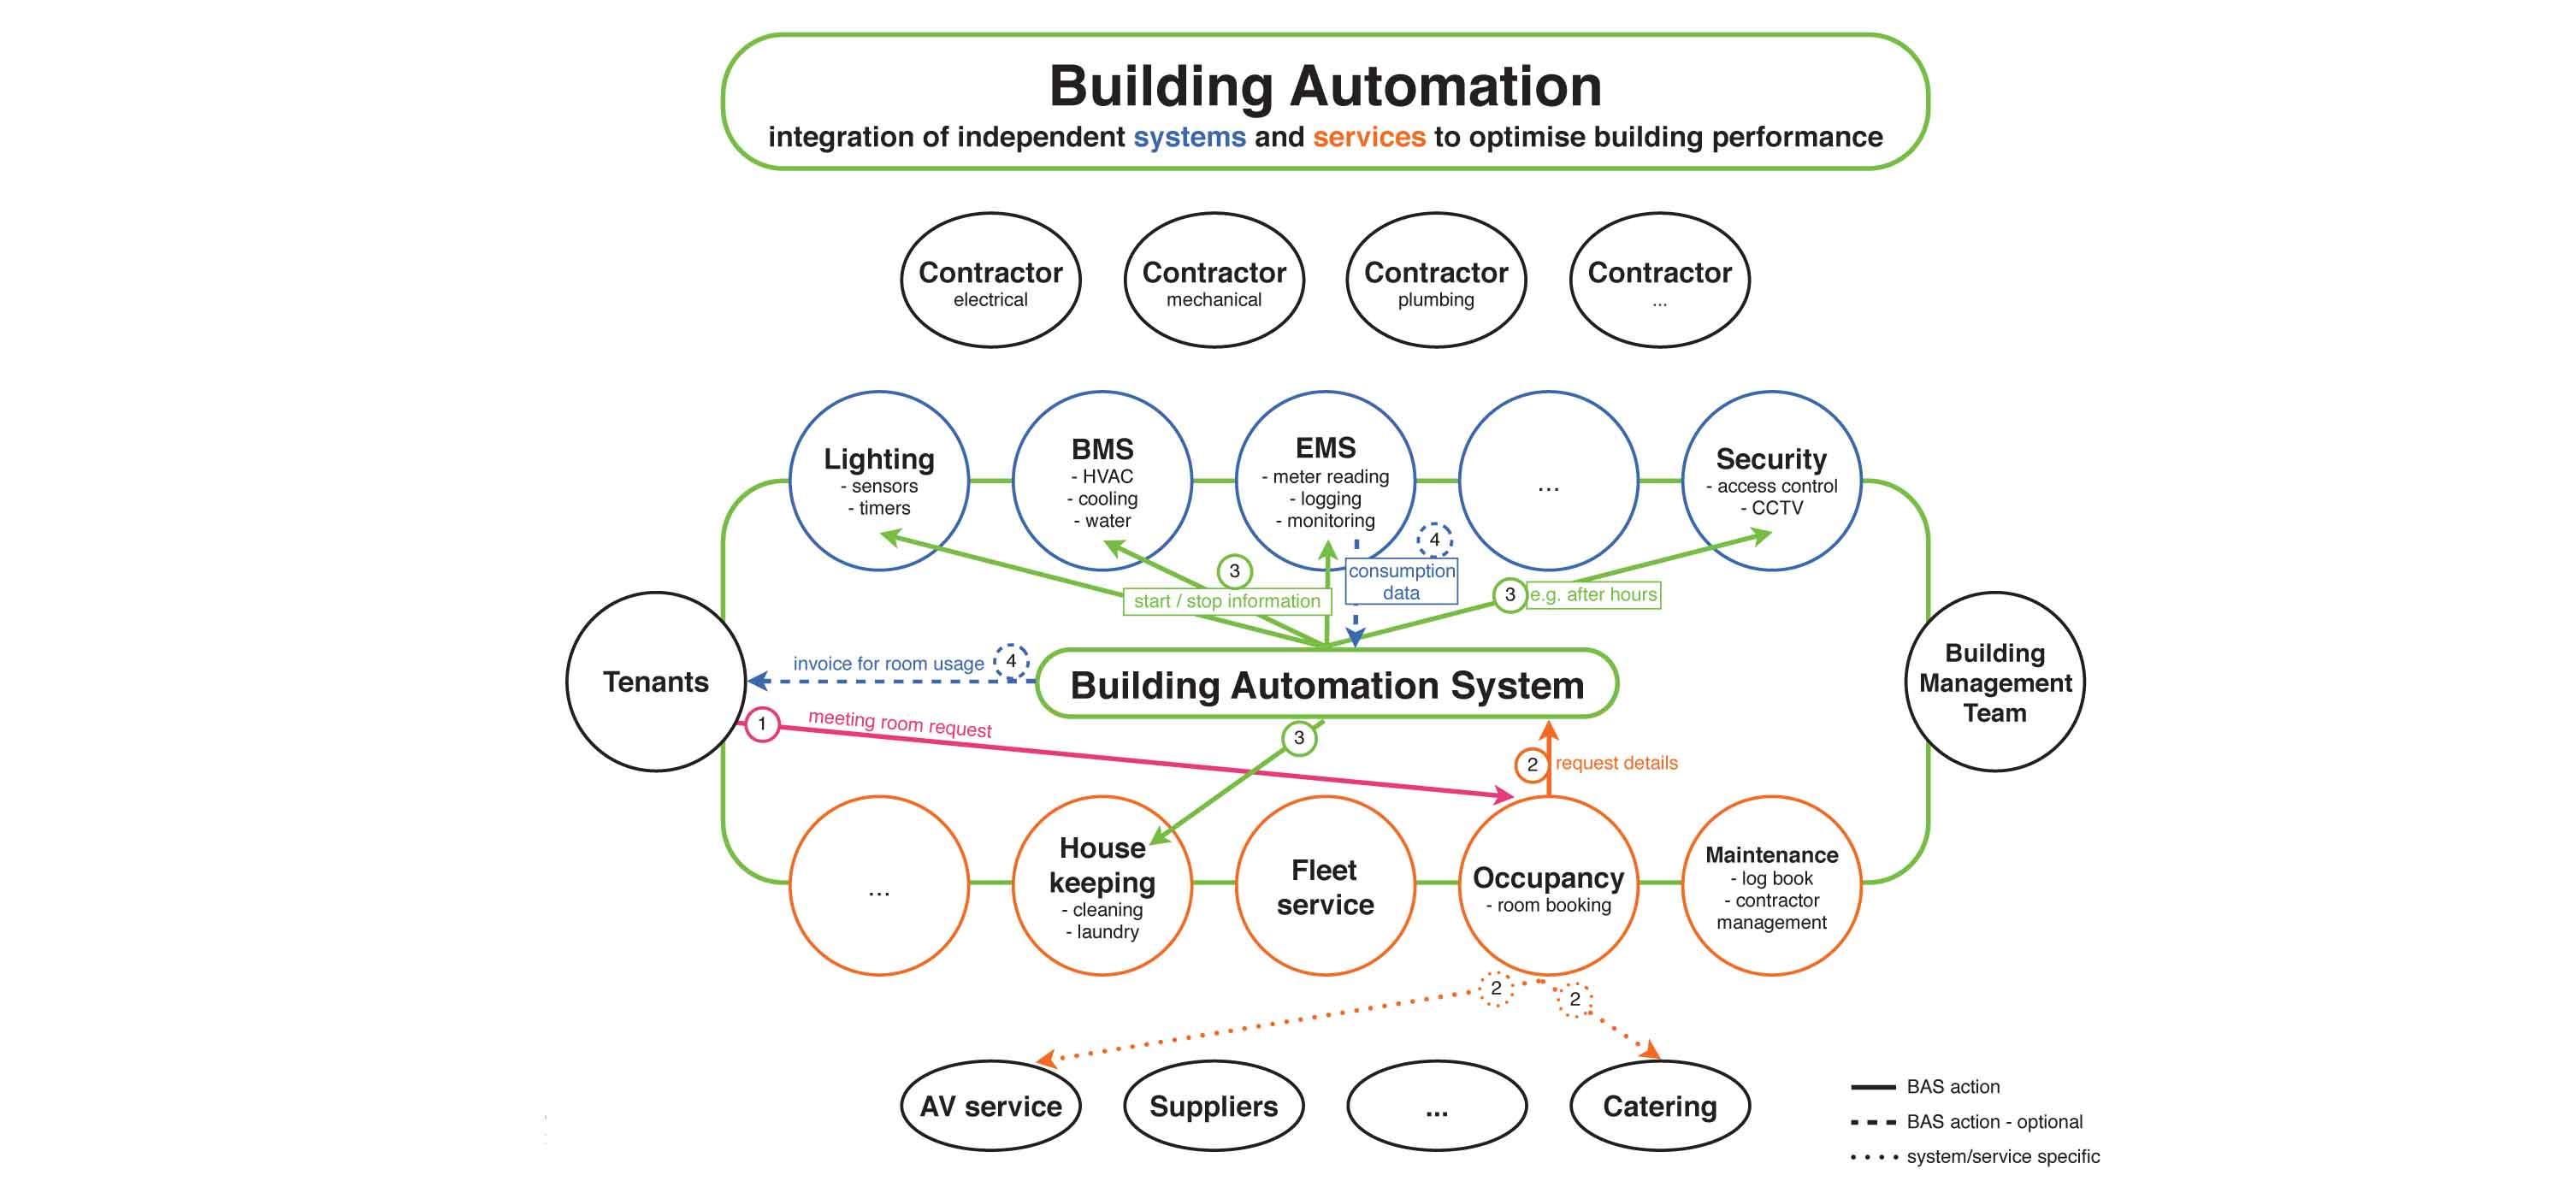 Building Automation diagram